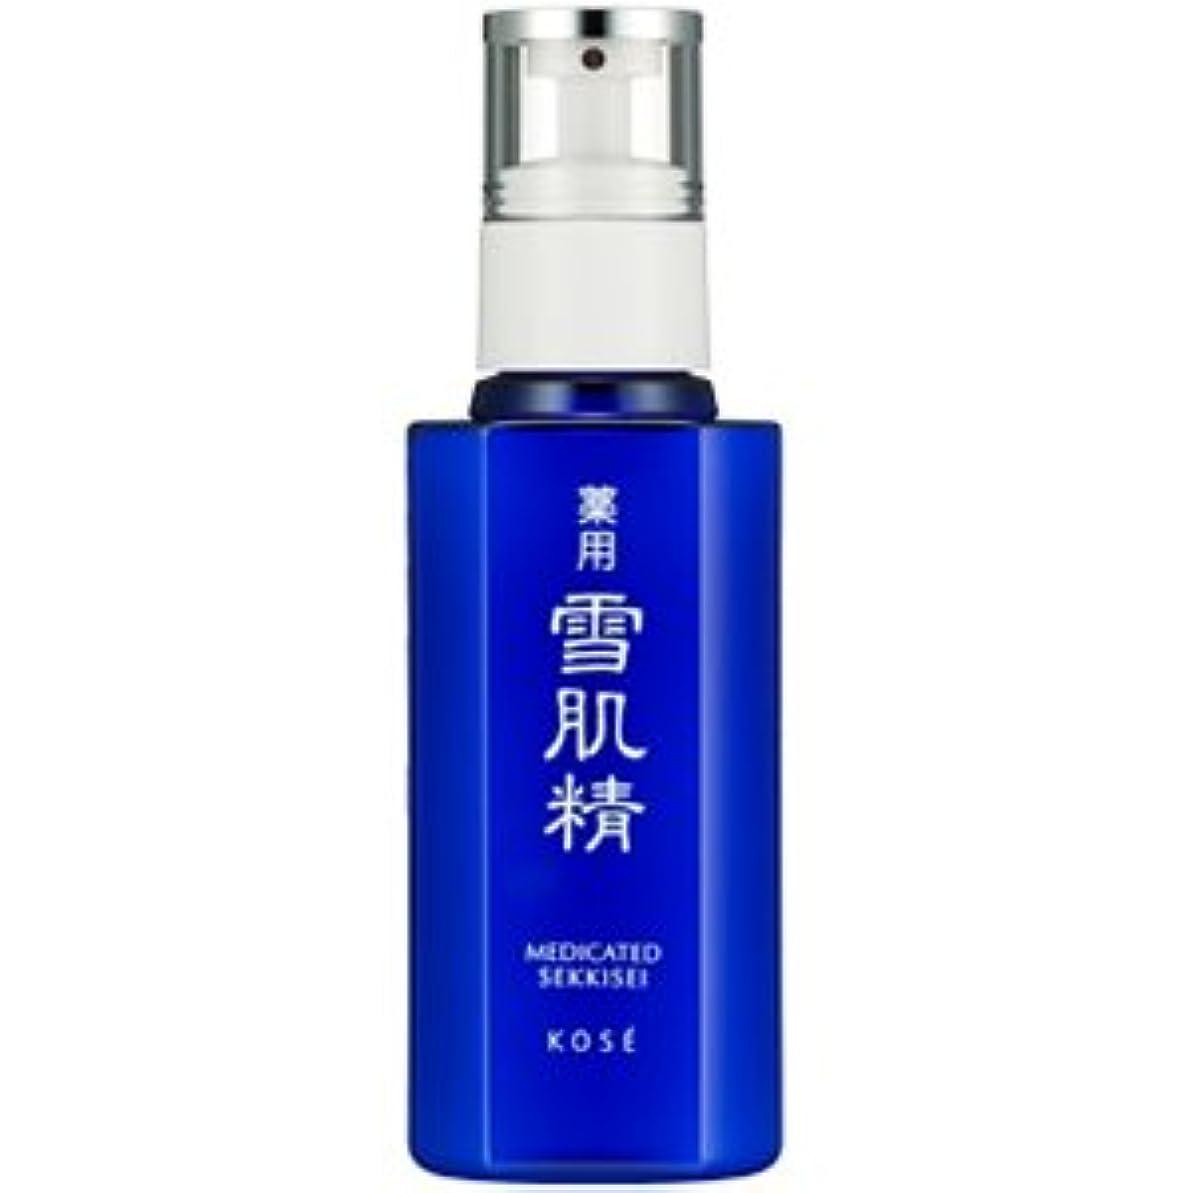 ライバルぺディカブ同級生【コーセー 乳液】薬用 雪肌精 乳液 140ml